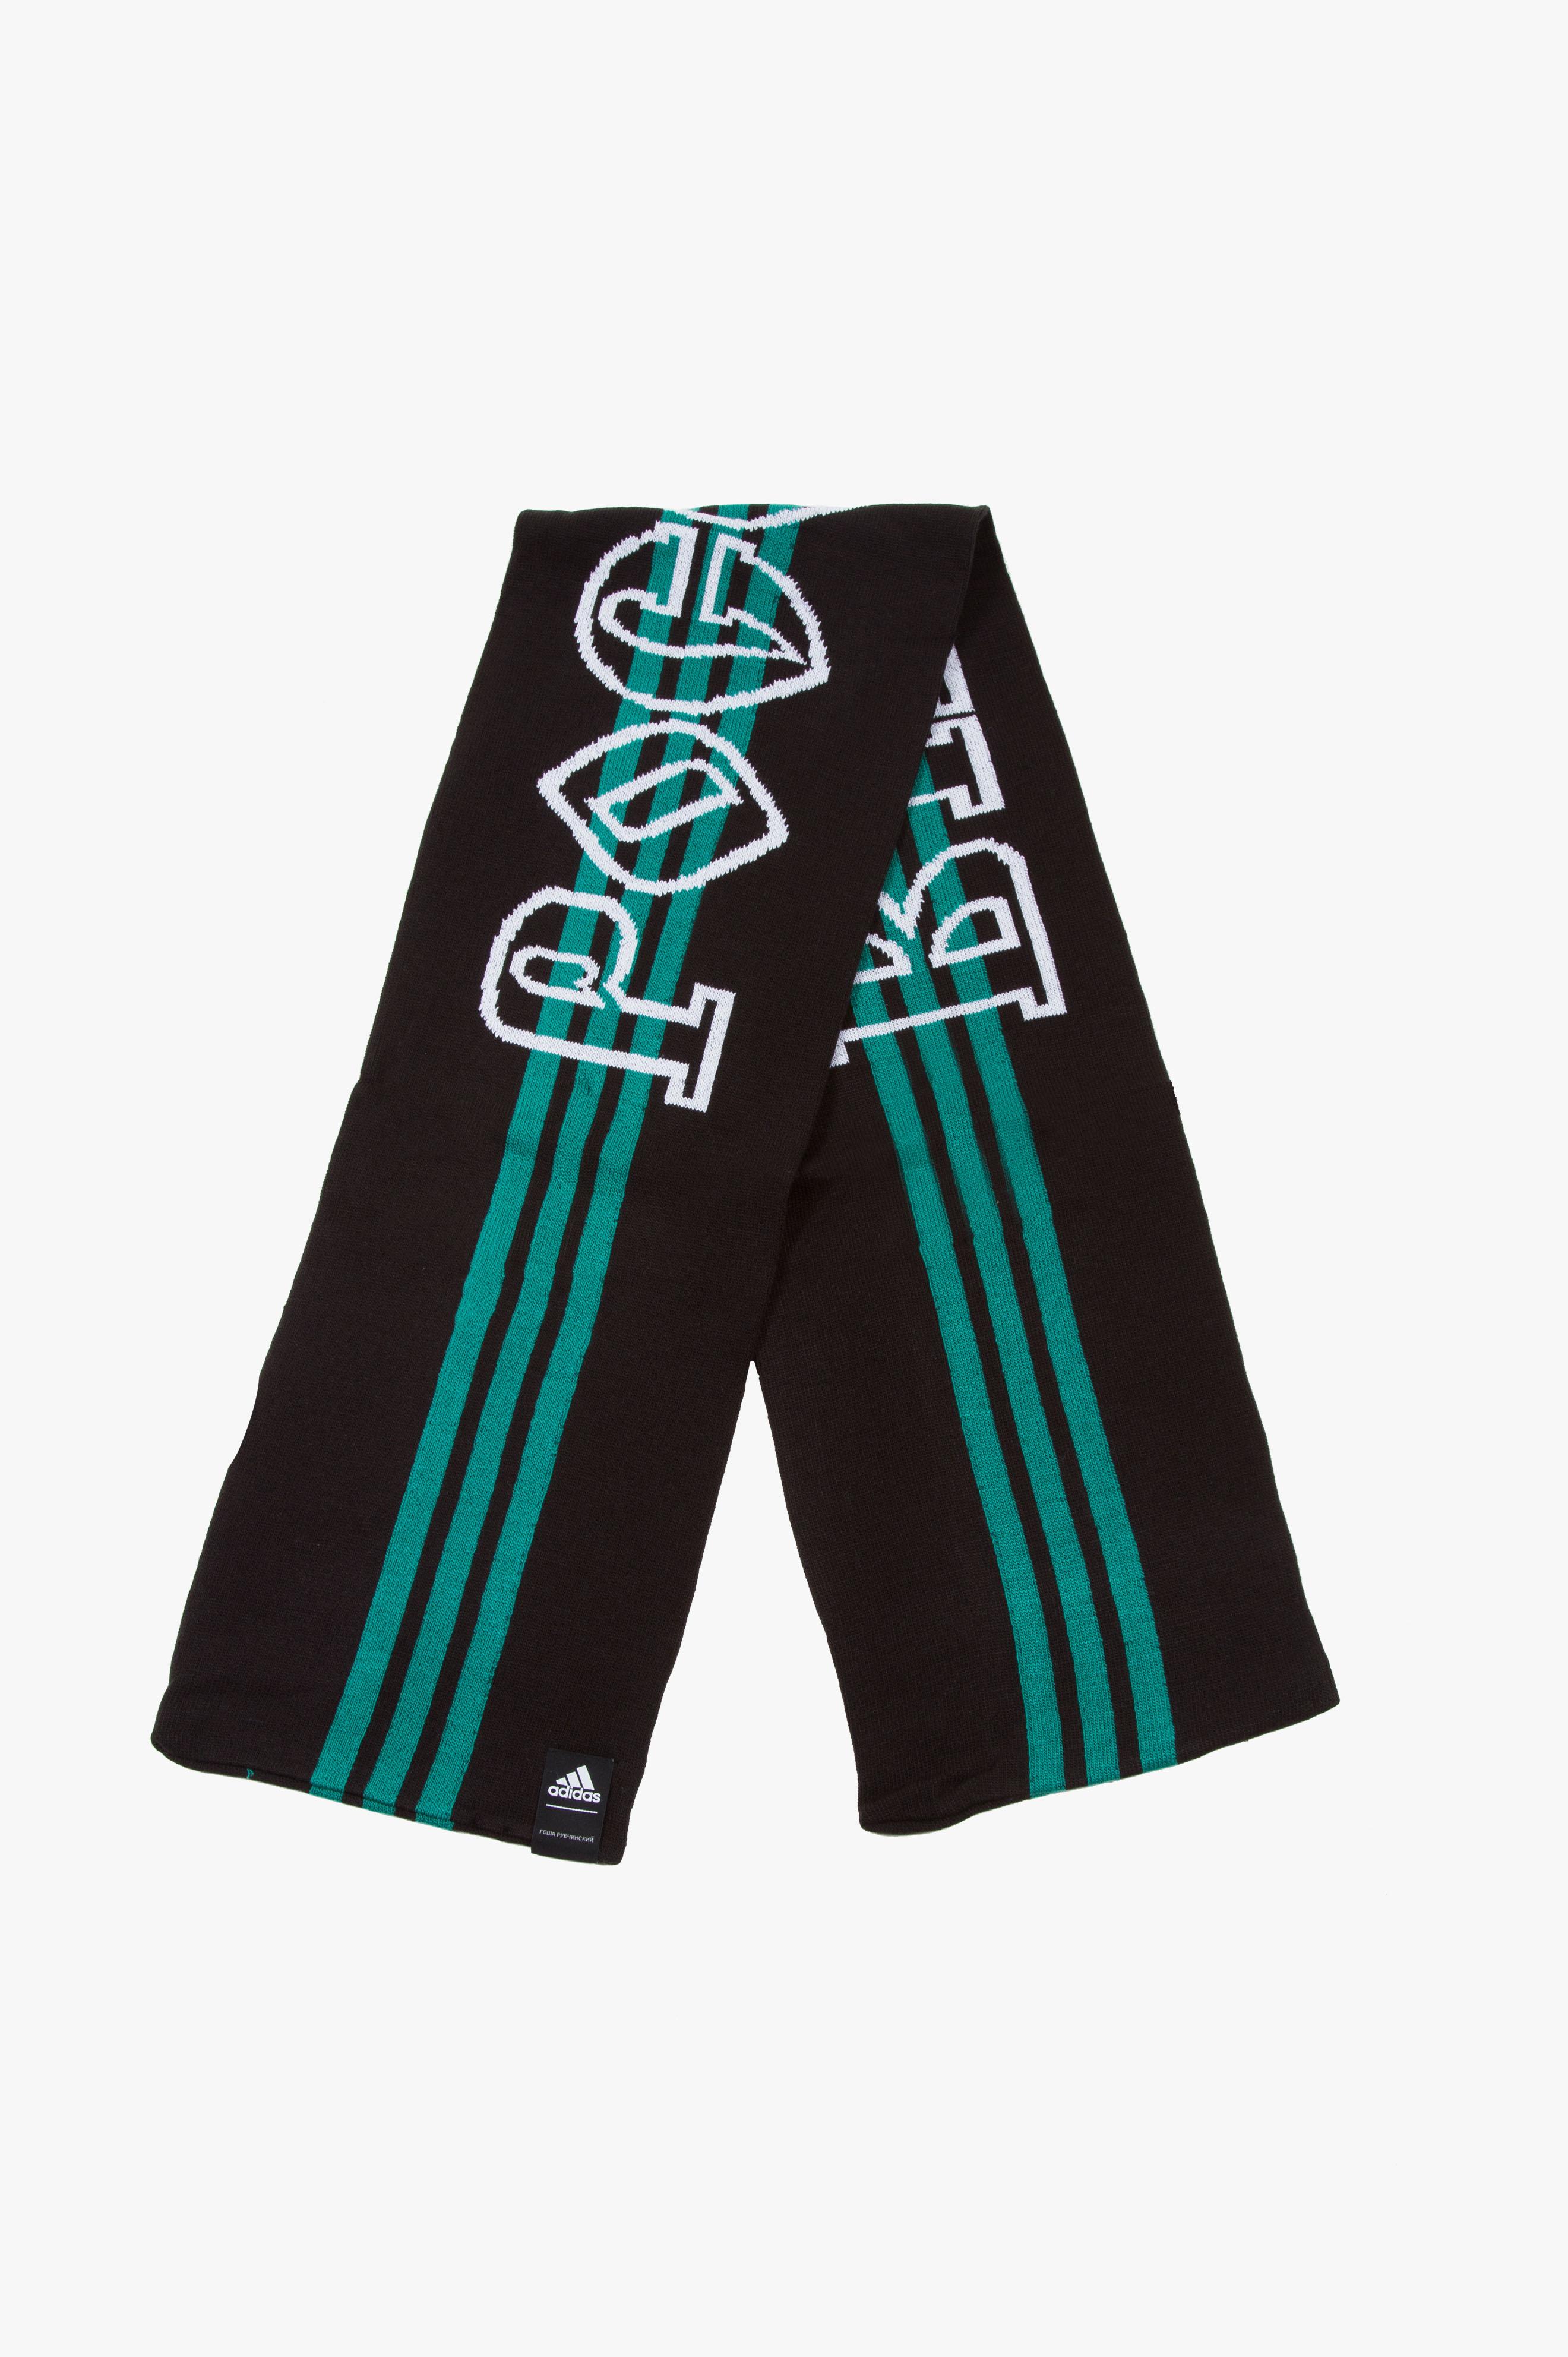 x Adidas Scarf Black